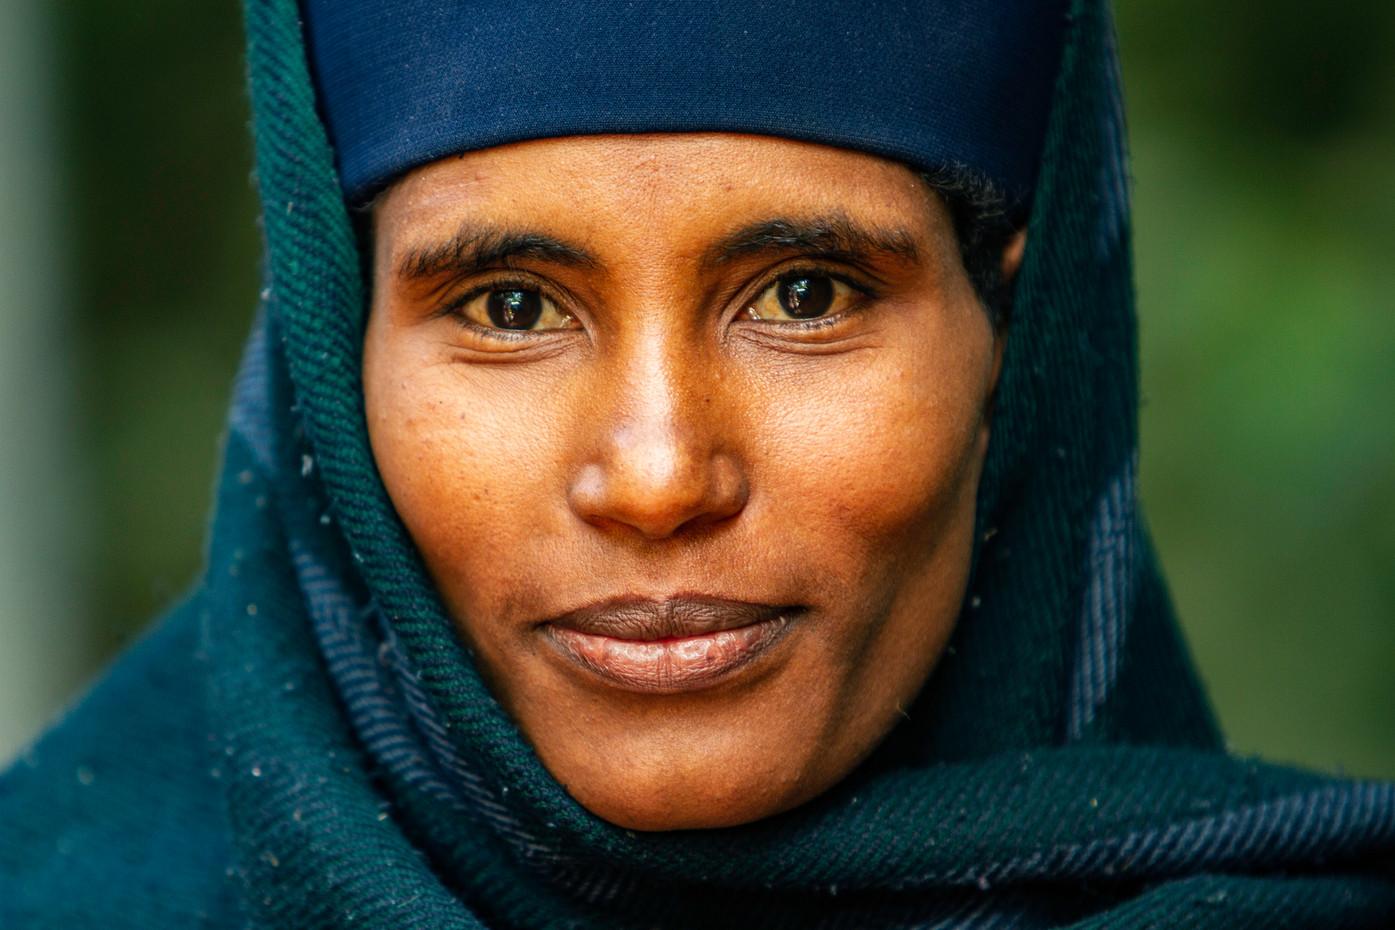 Orthodox Christian nun on Lake Tana, Ethiopia